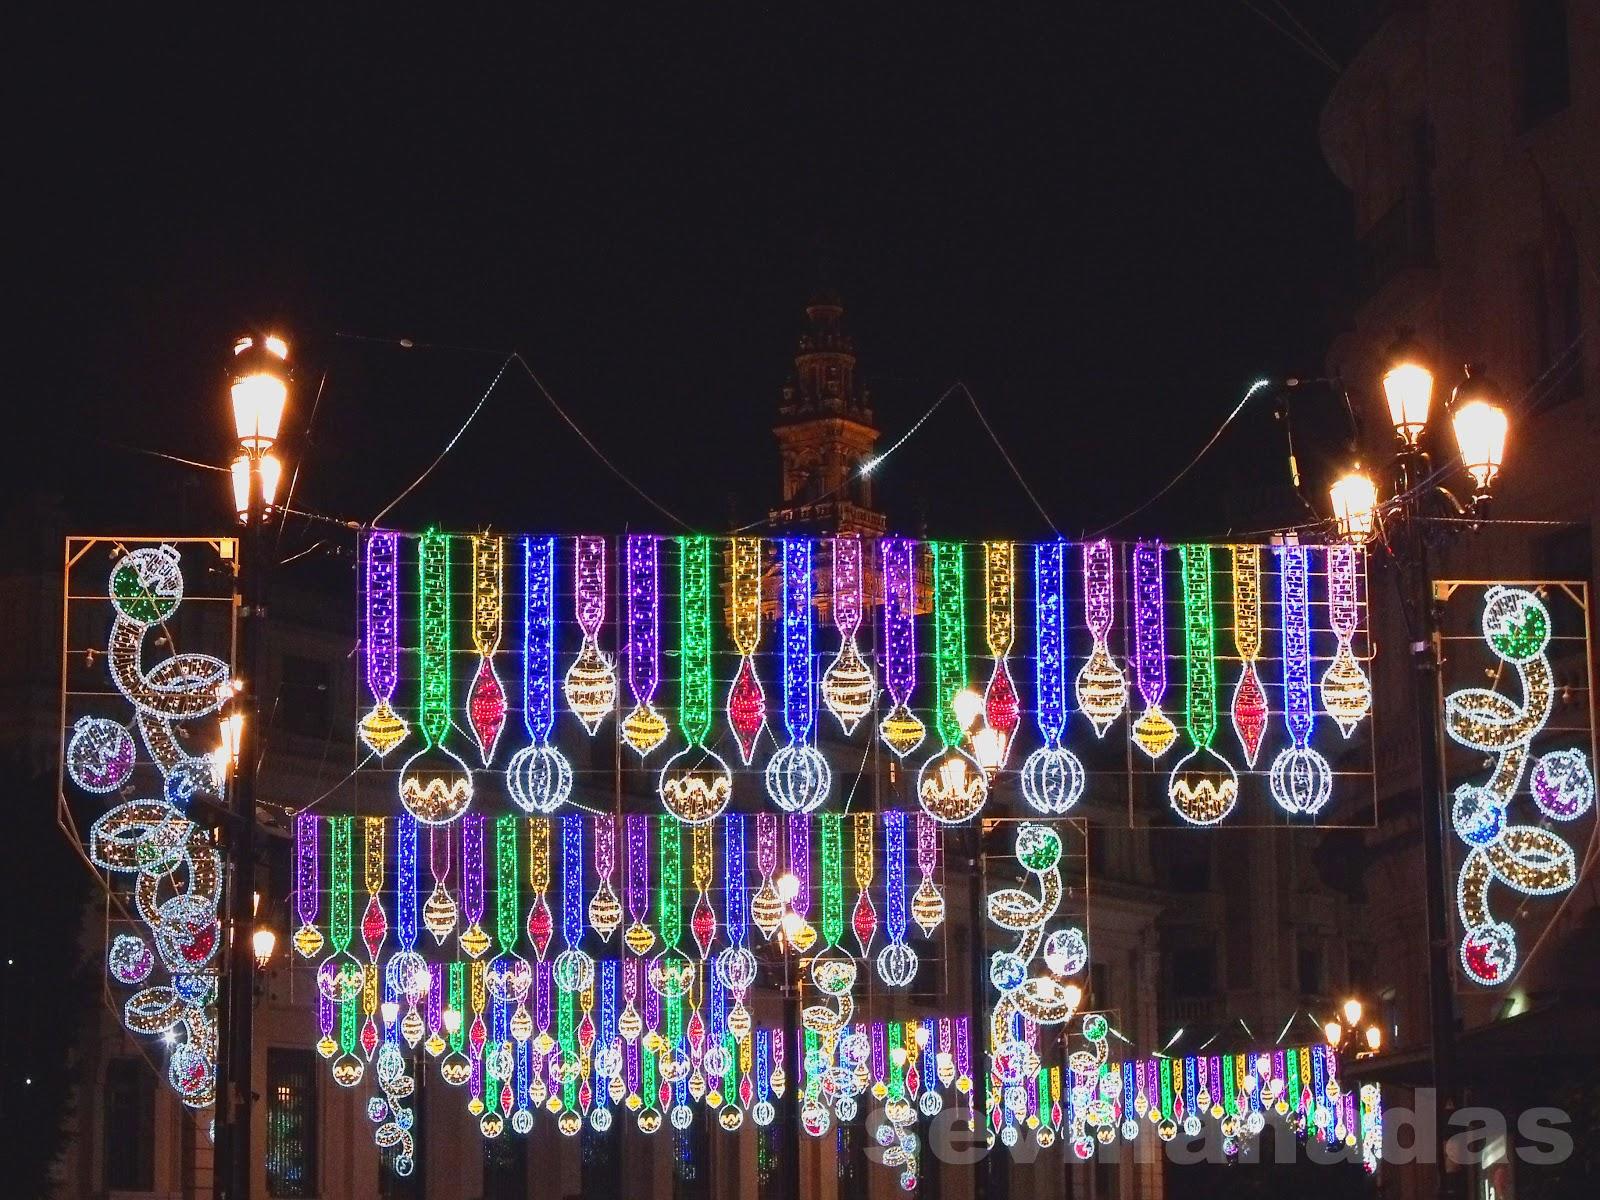 Alumbrado manuel jes s florencio - Iluminacion sevilla ...